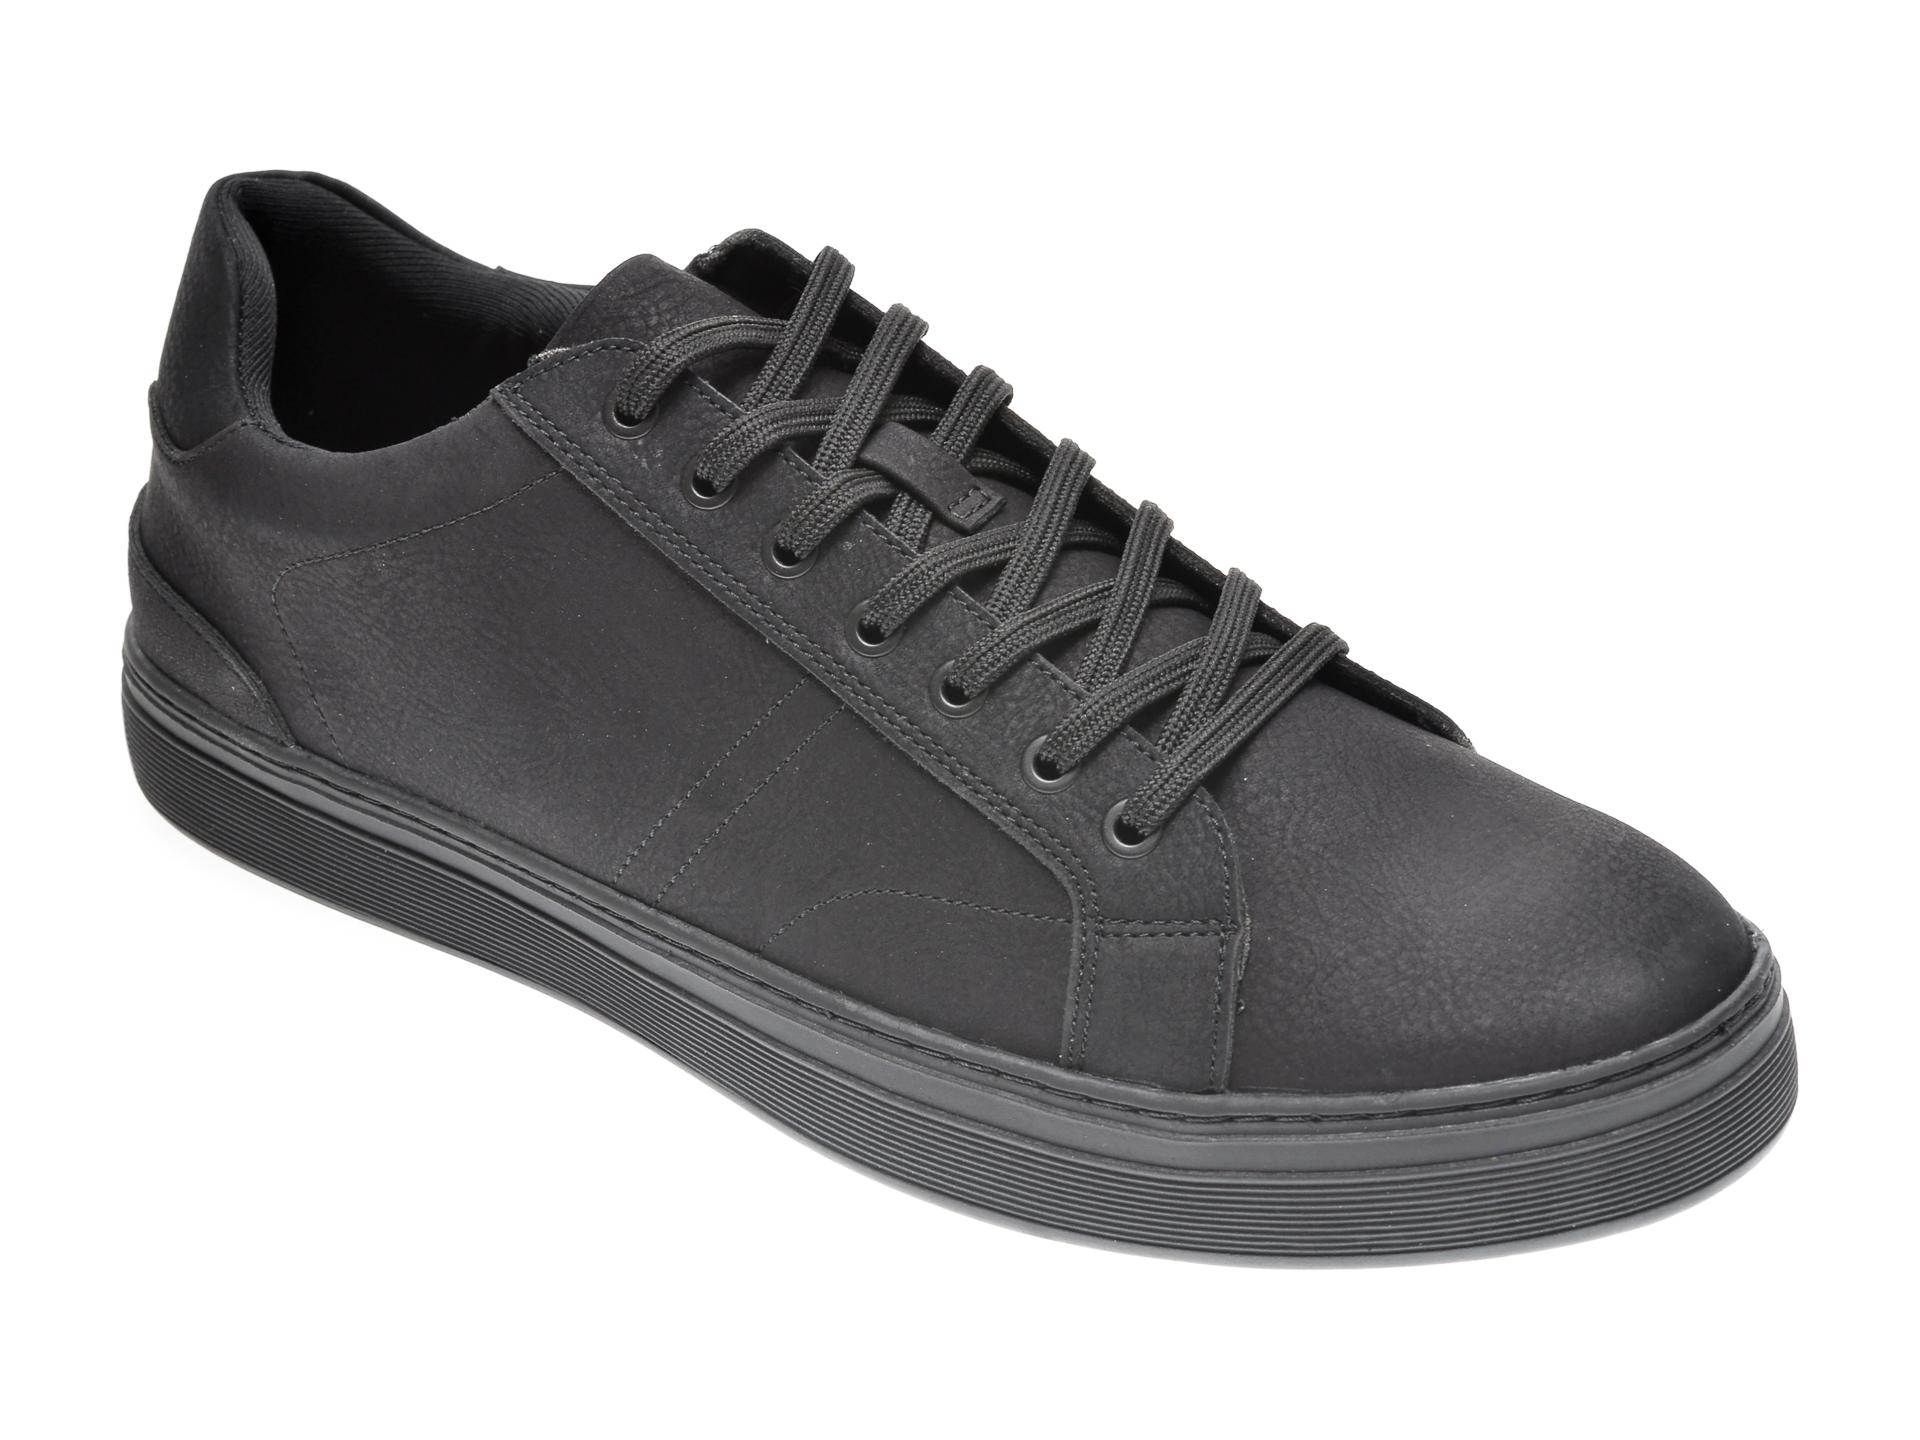 Pantofi ALDO negri, Rex001, din piele ecologica imagine